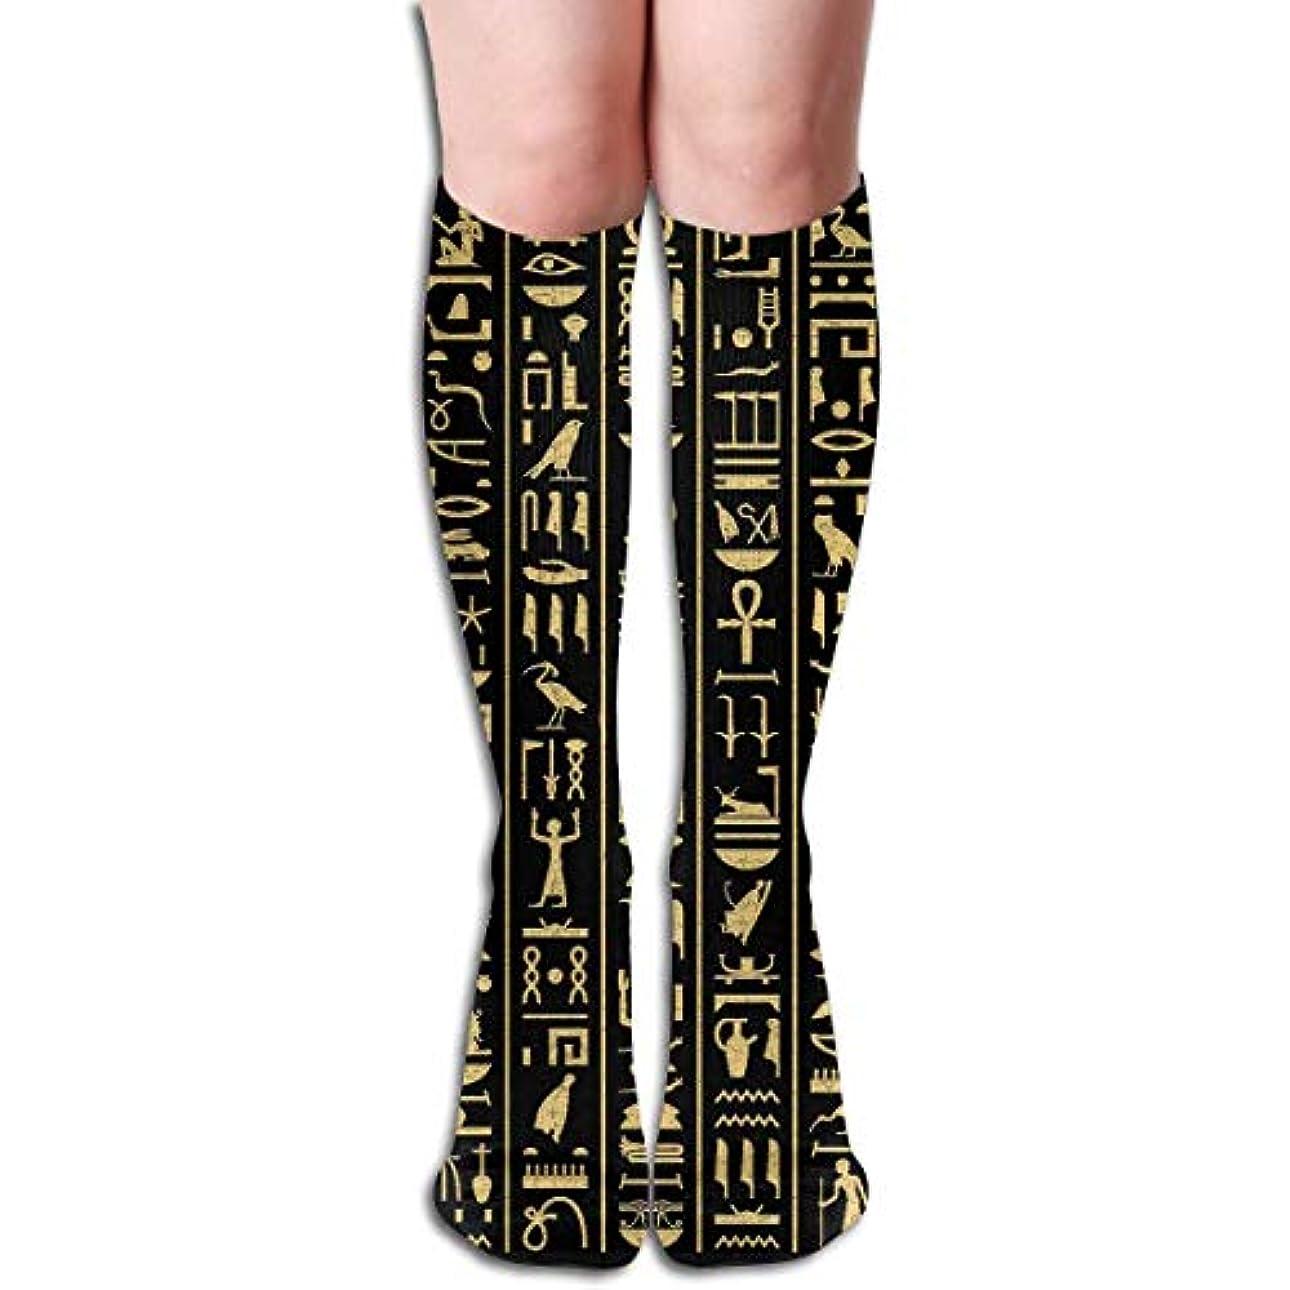 成熟したどちらかパラメータQRRIYアスレチックソックス古代のシンボル3次元圧縮ソックス男性のための長い靴下